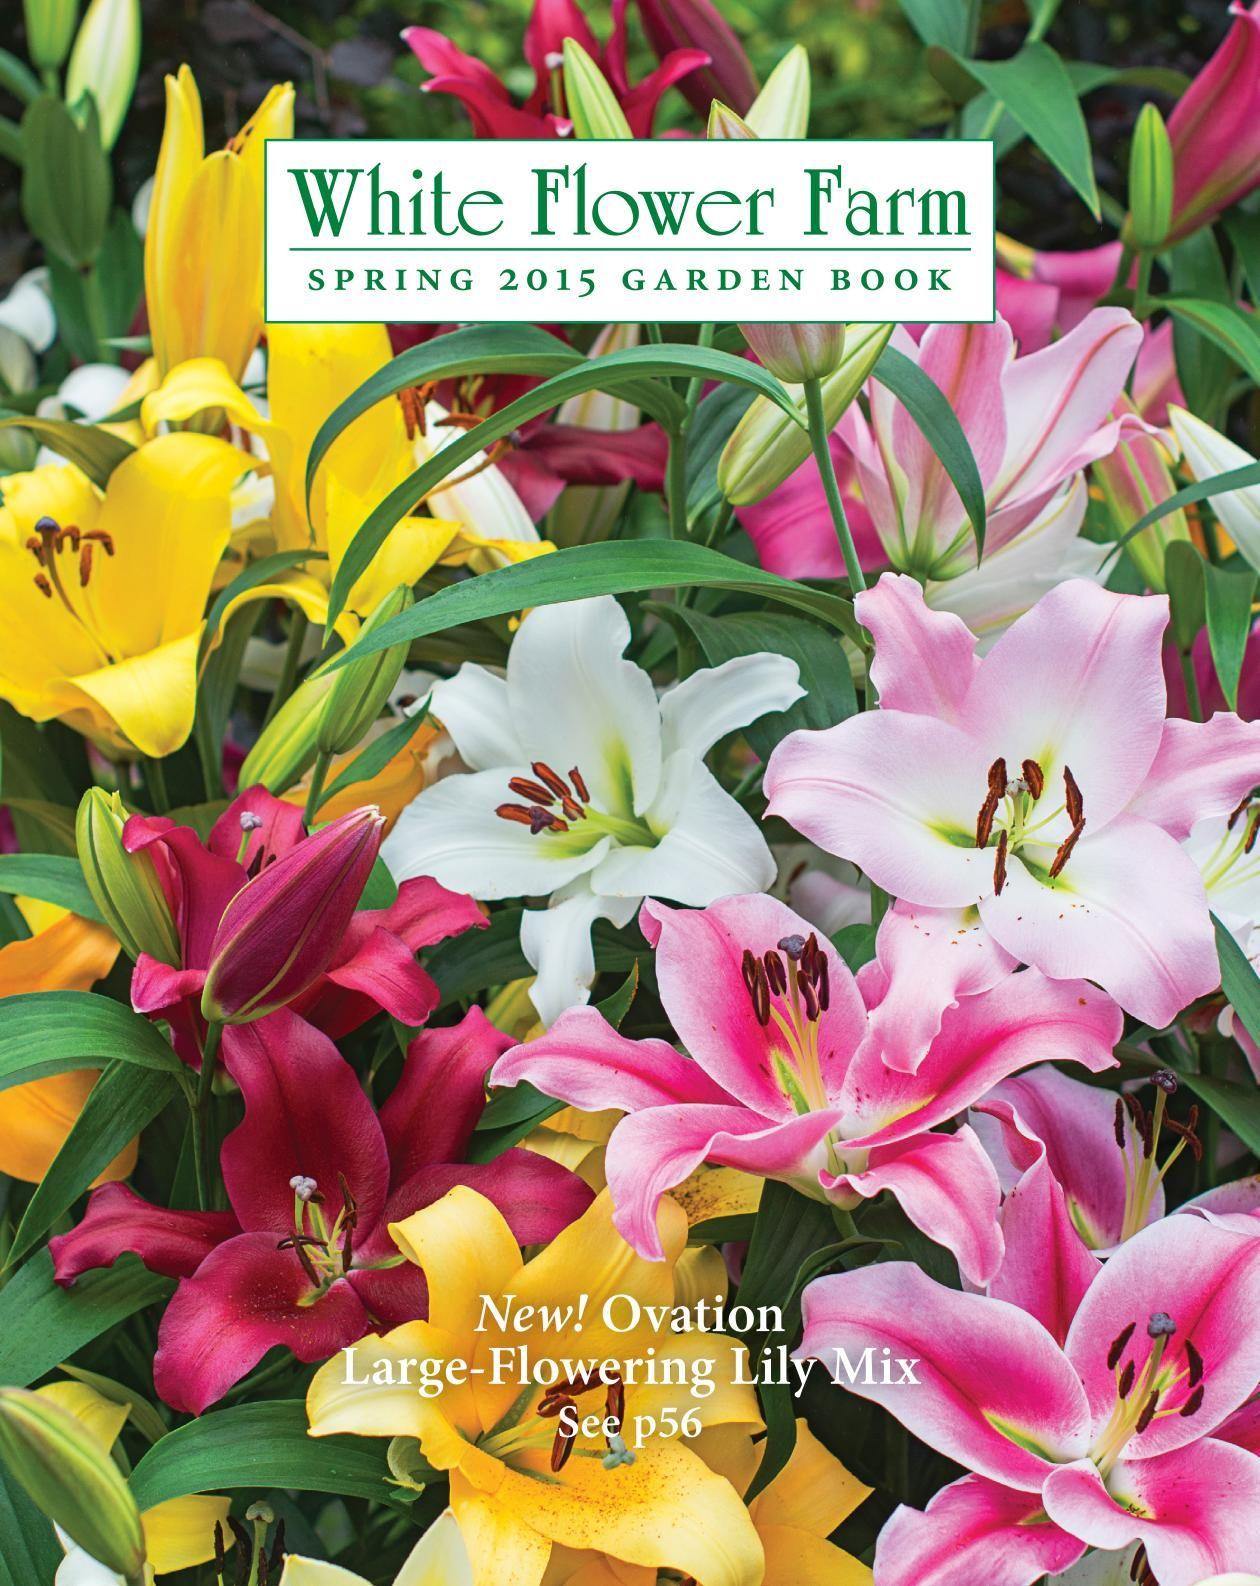 White flower farm catalogs for the garden pinterest white white flower farm catalogs mightylinksfo